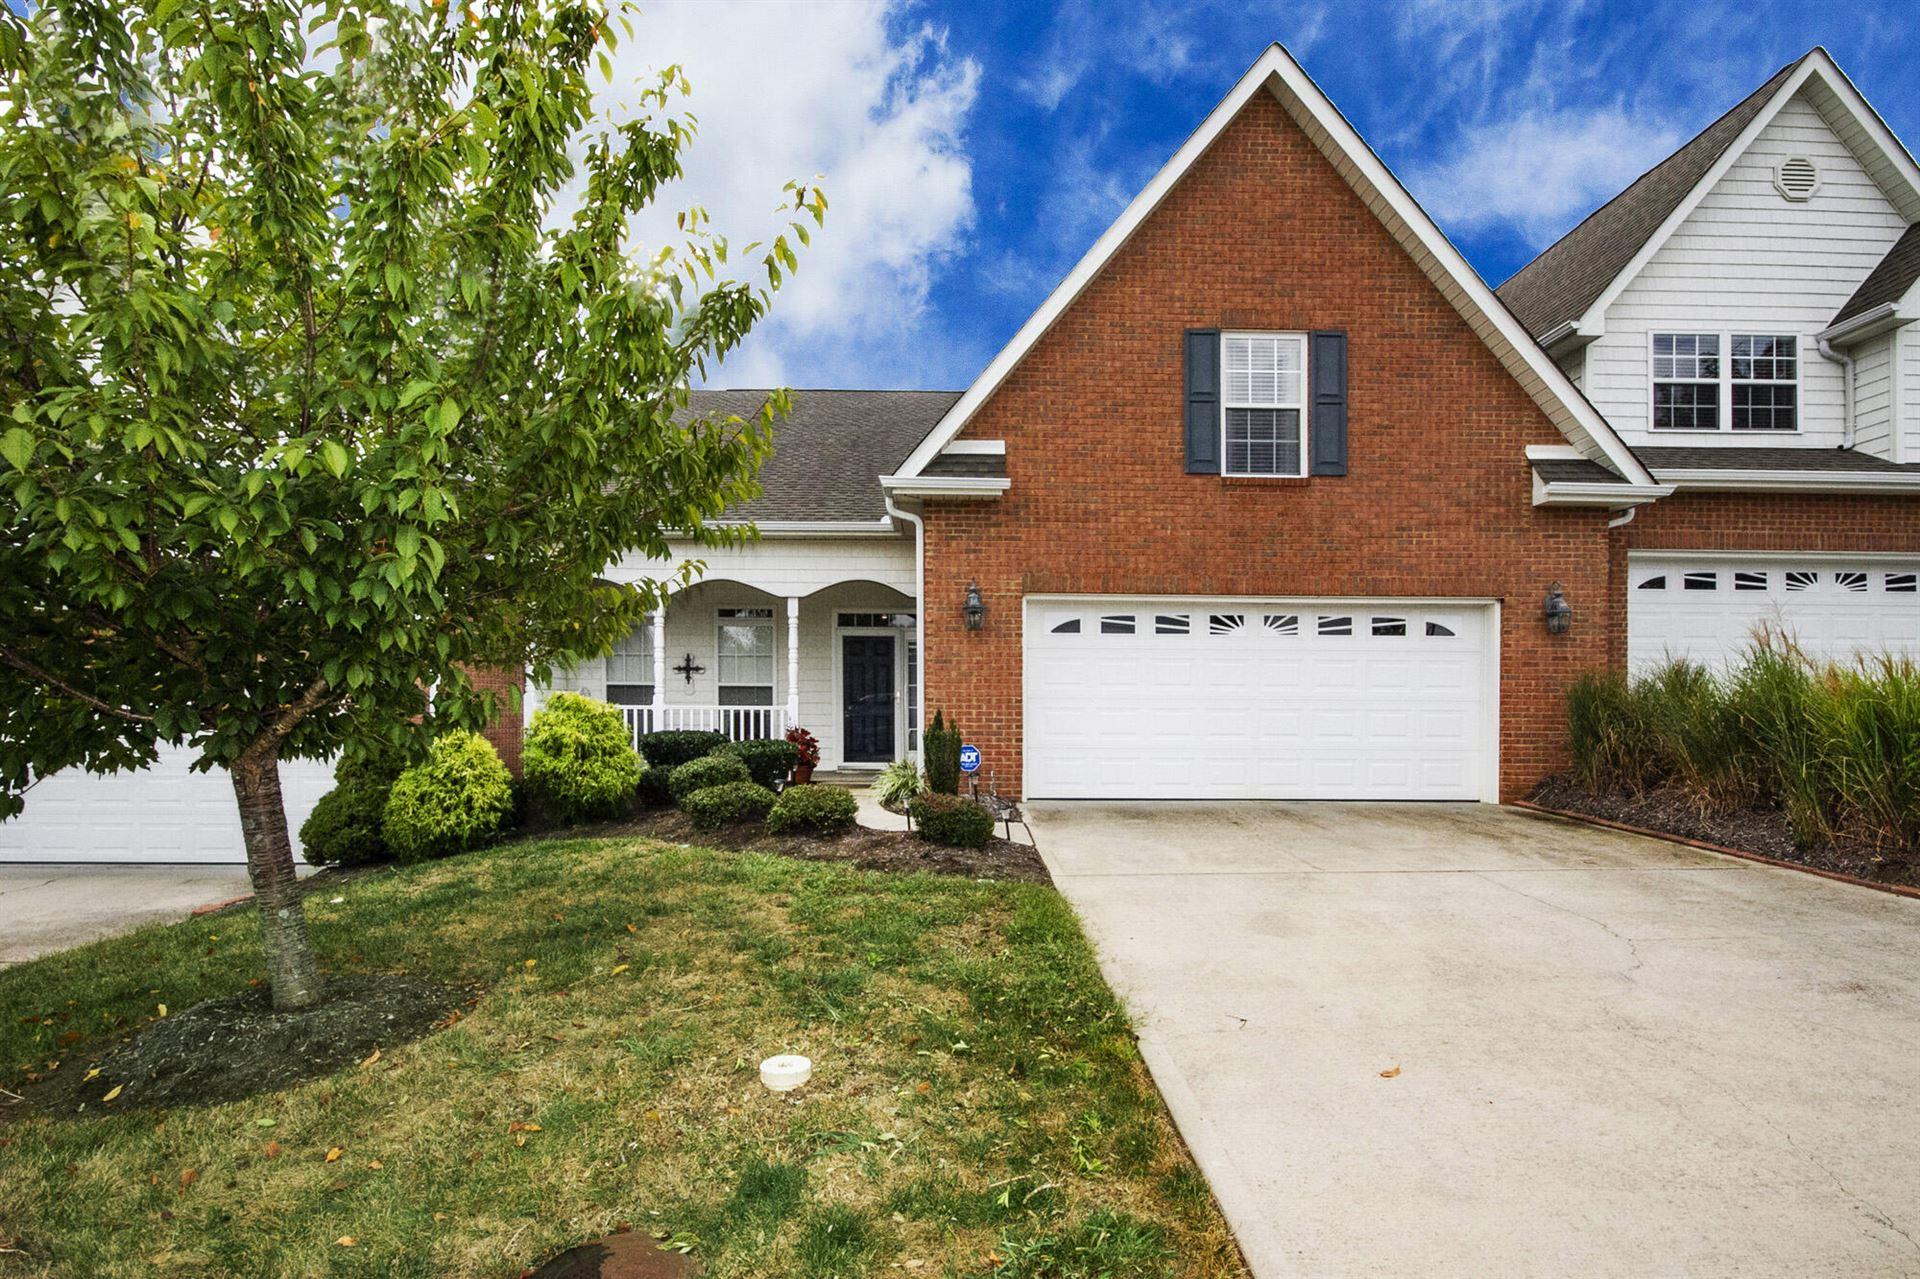 3842 Honeytree Lane, Knoxville, TN 37938 - MLS#: 1162165